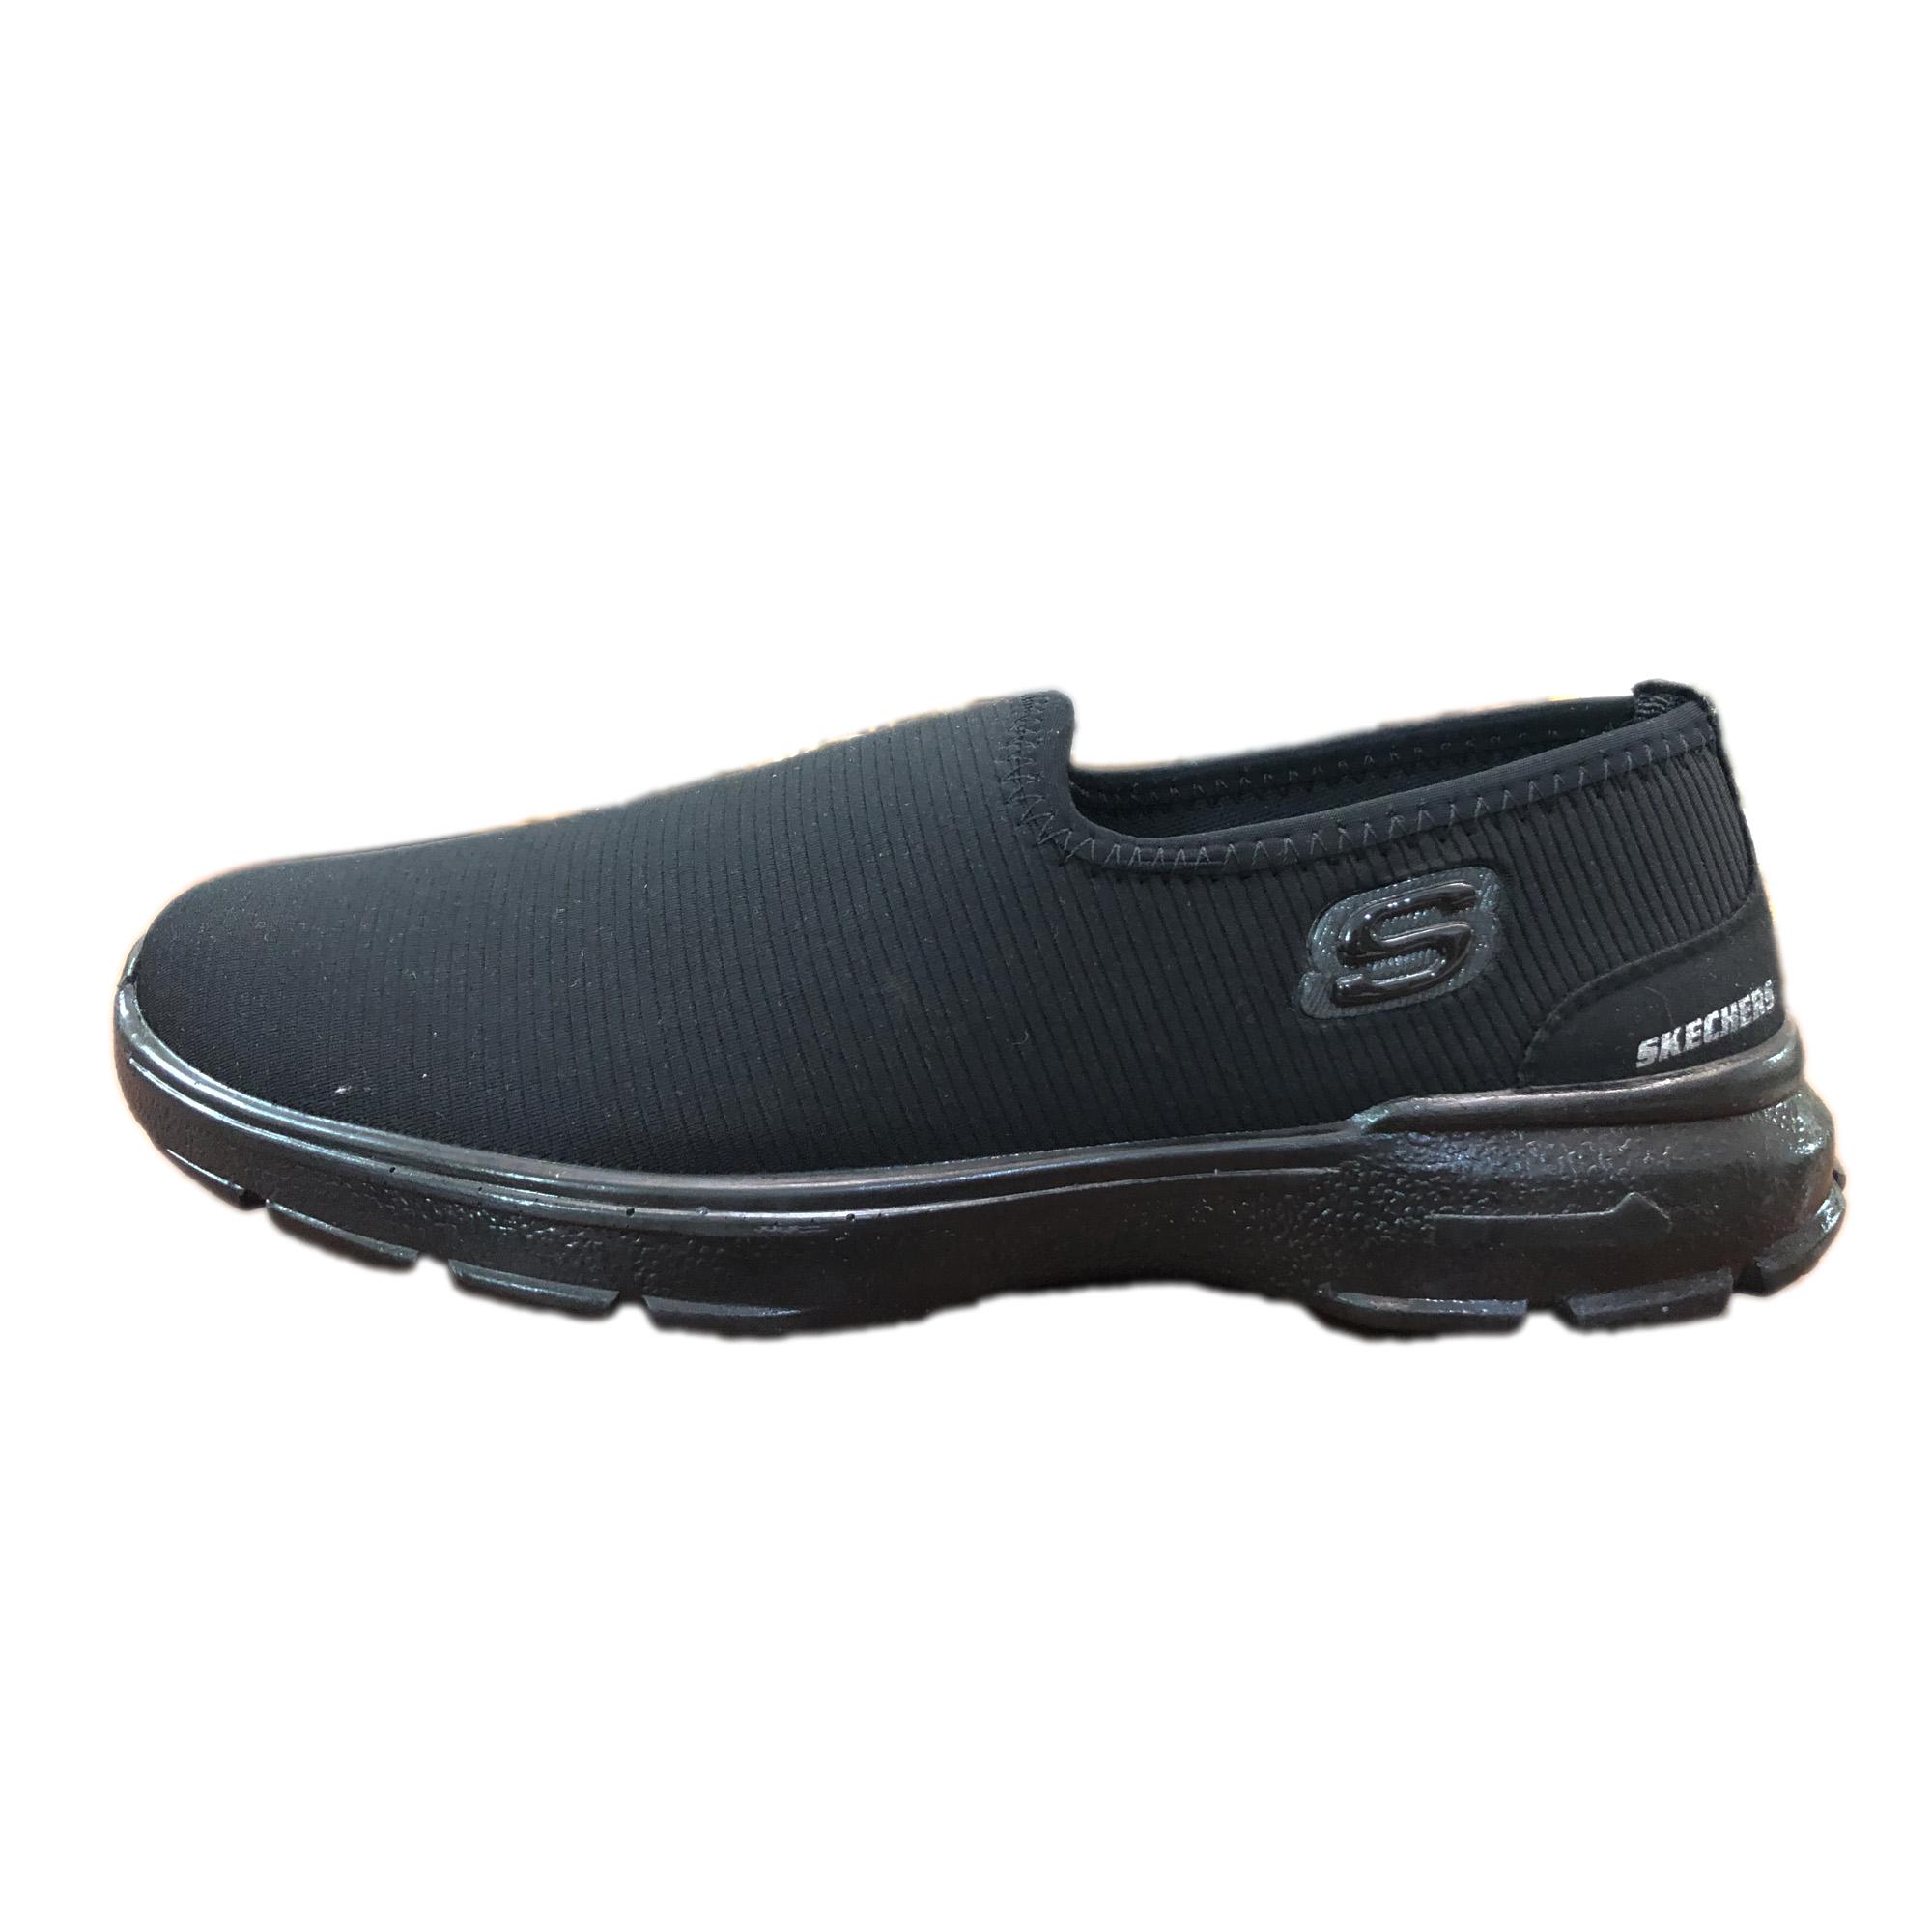 کفش راحتی مردانه مدل پازین